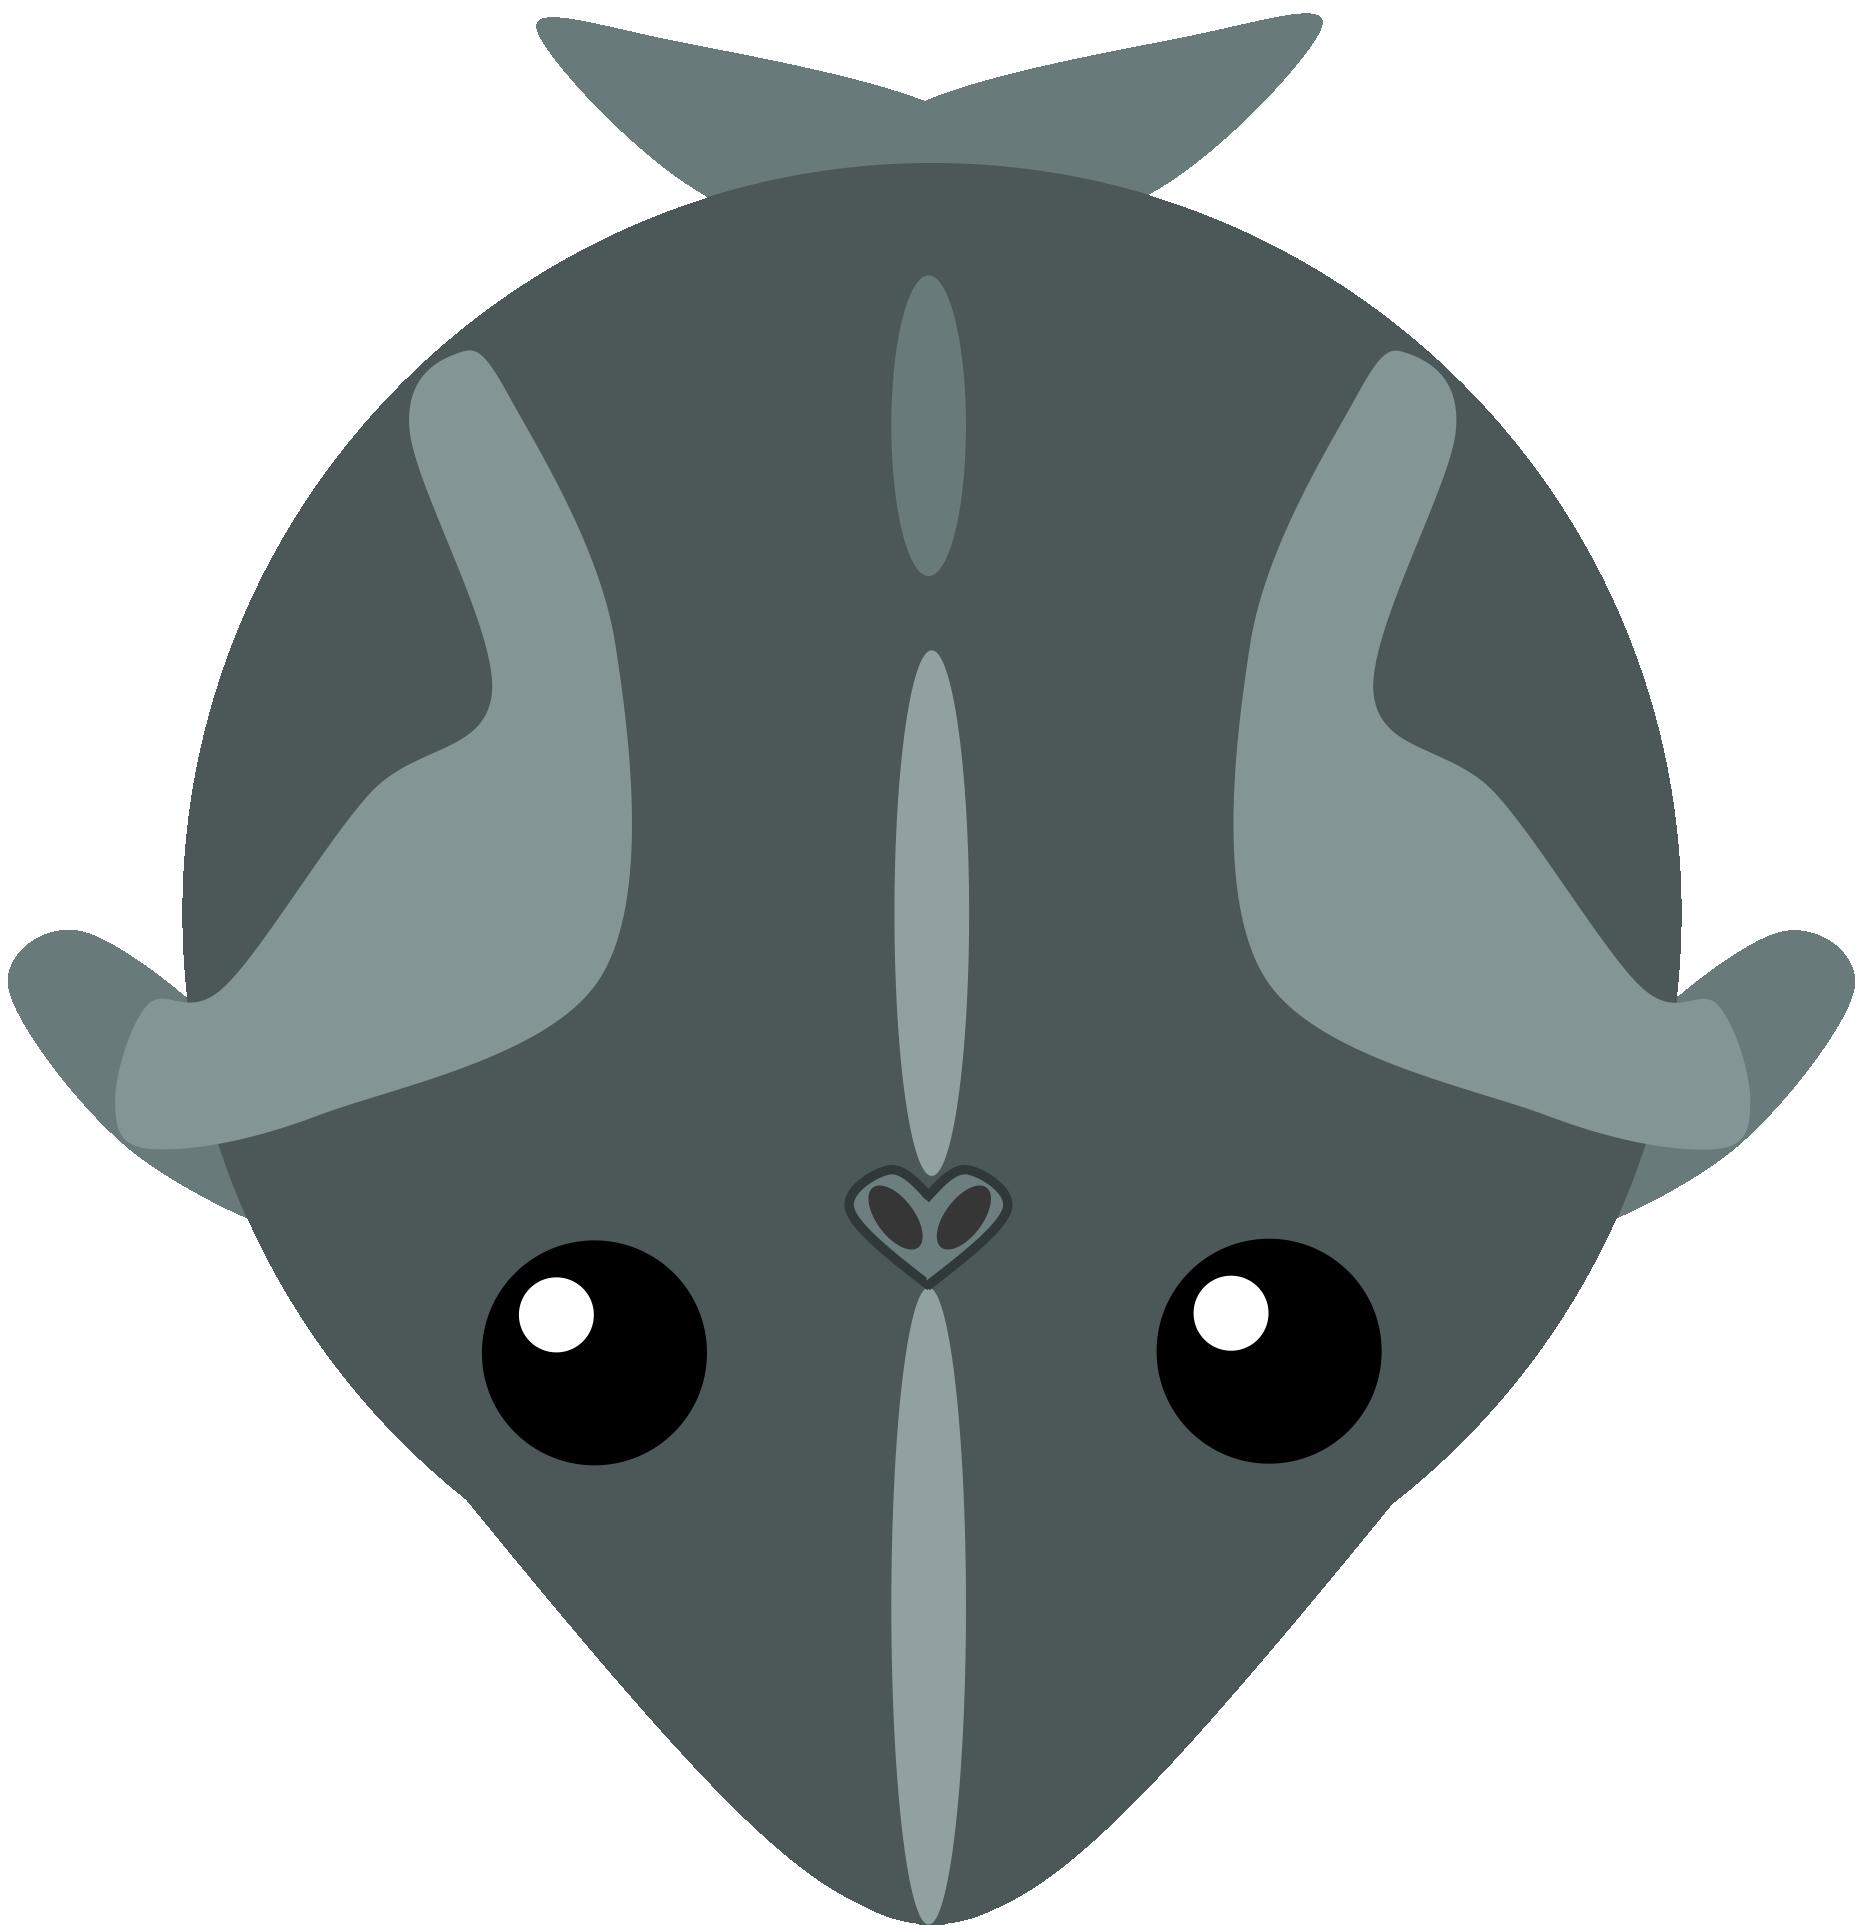 Mopeio artisticminke . Clipart whale minke whale